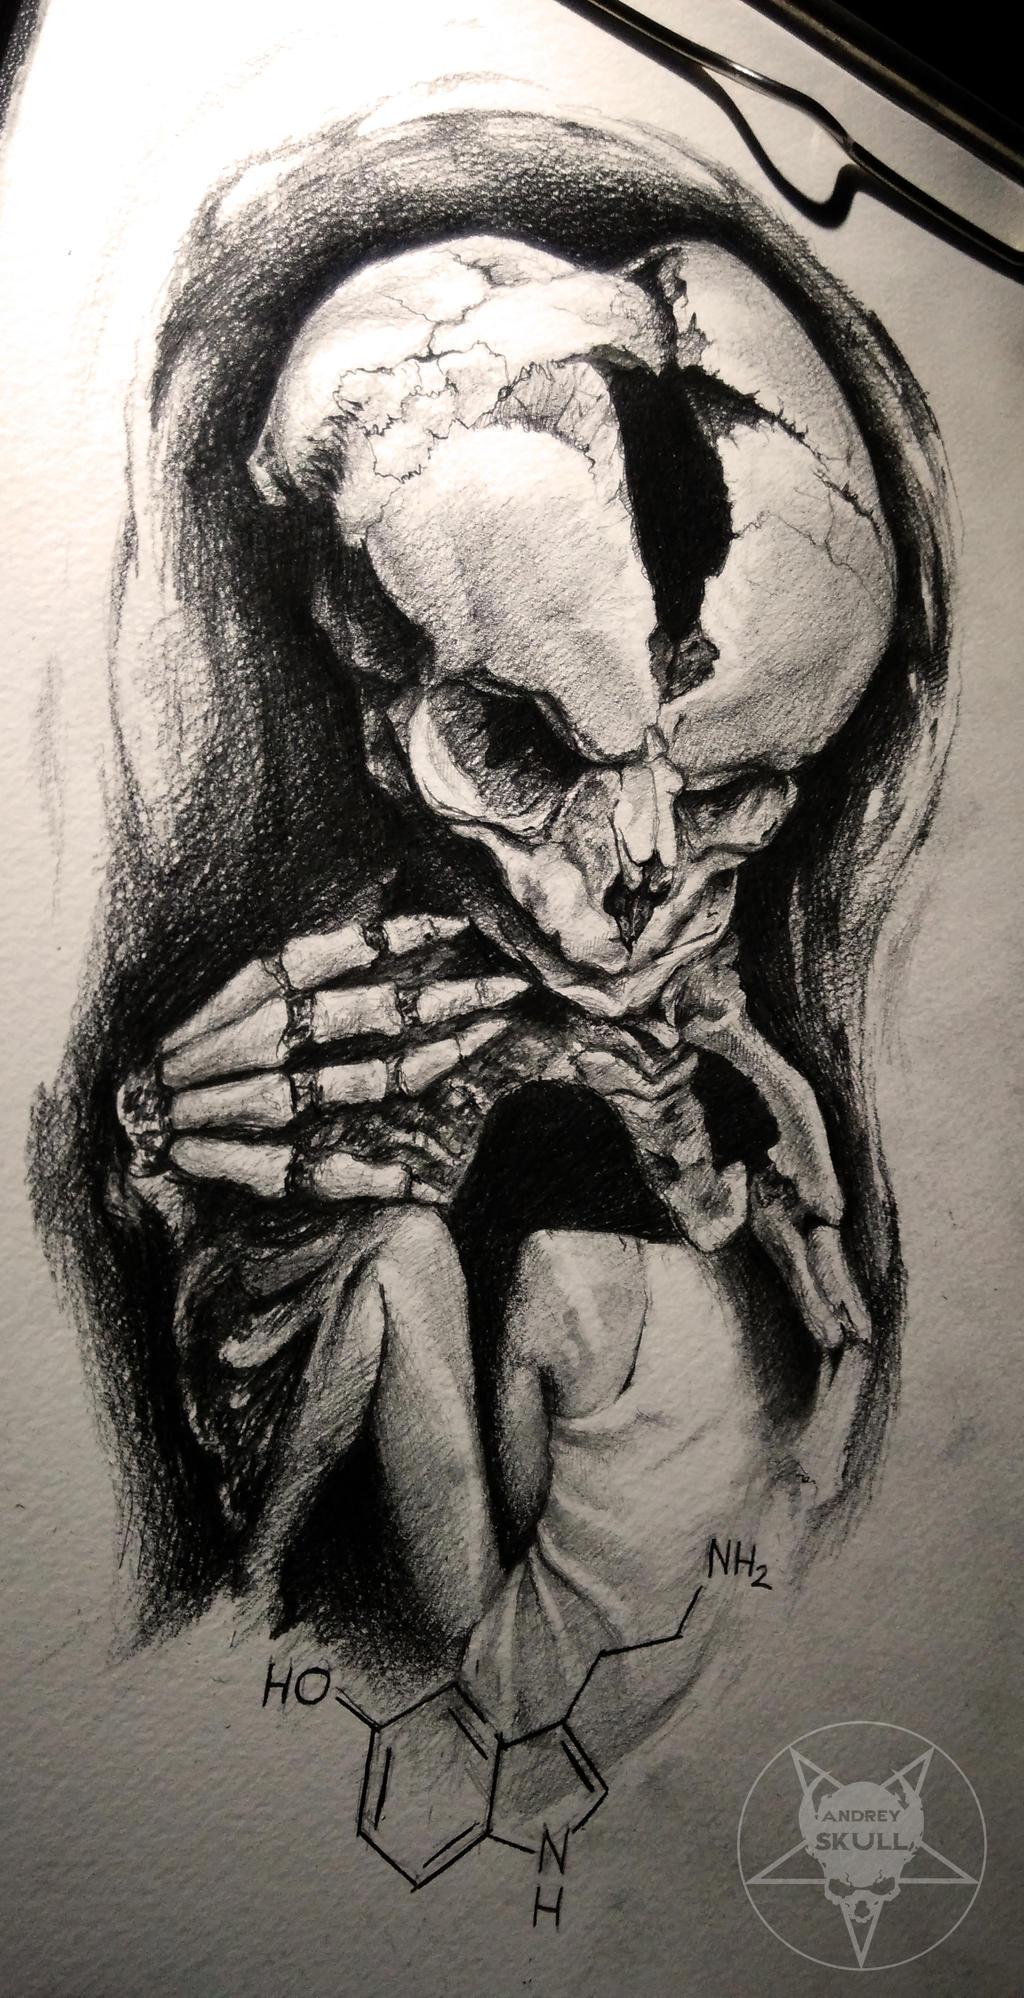 depression by AndreySkull on DeviantArt